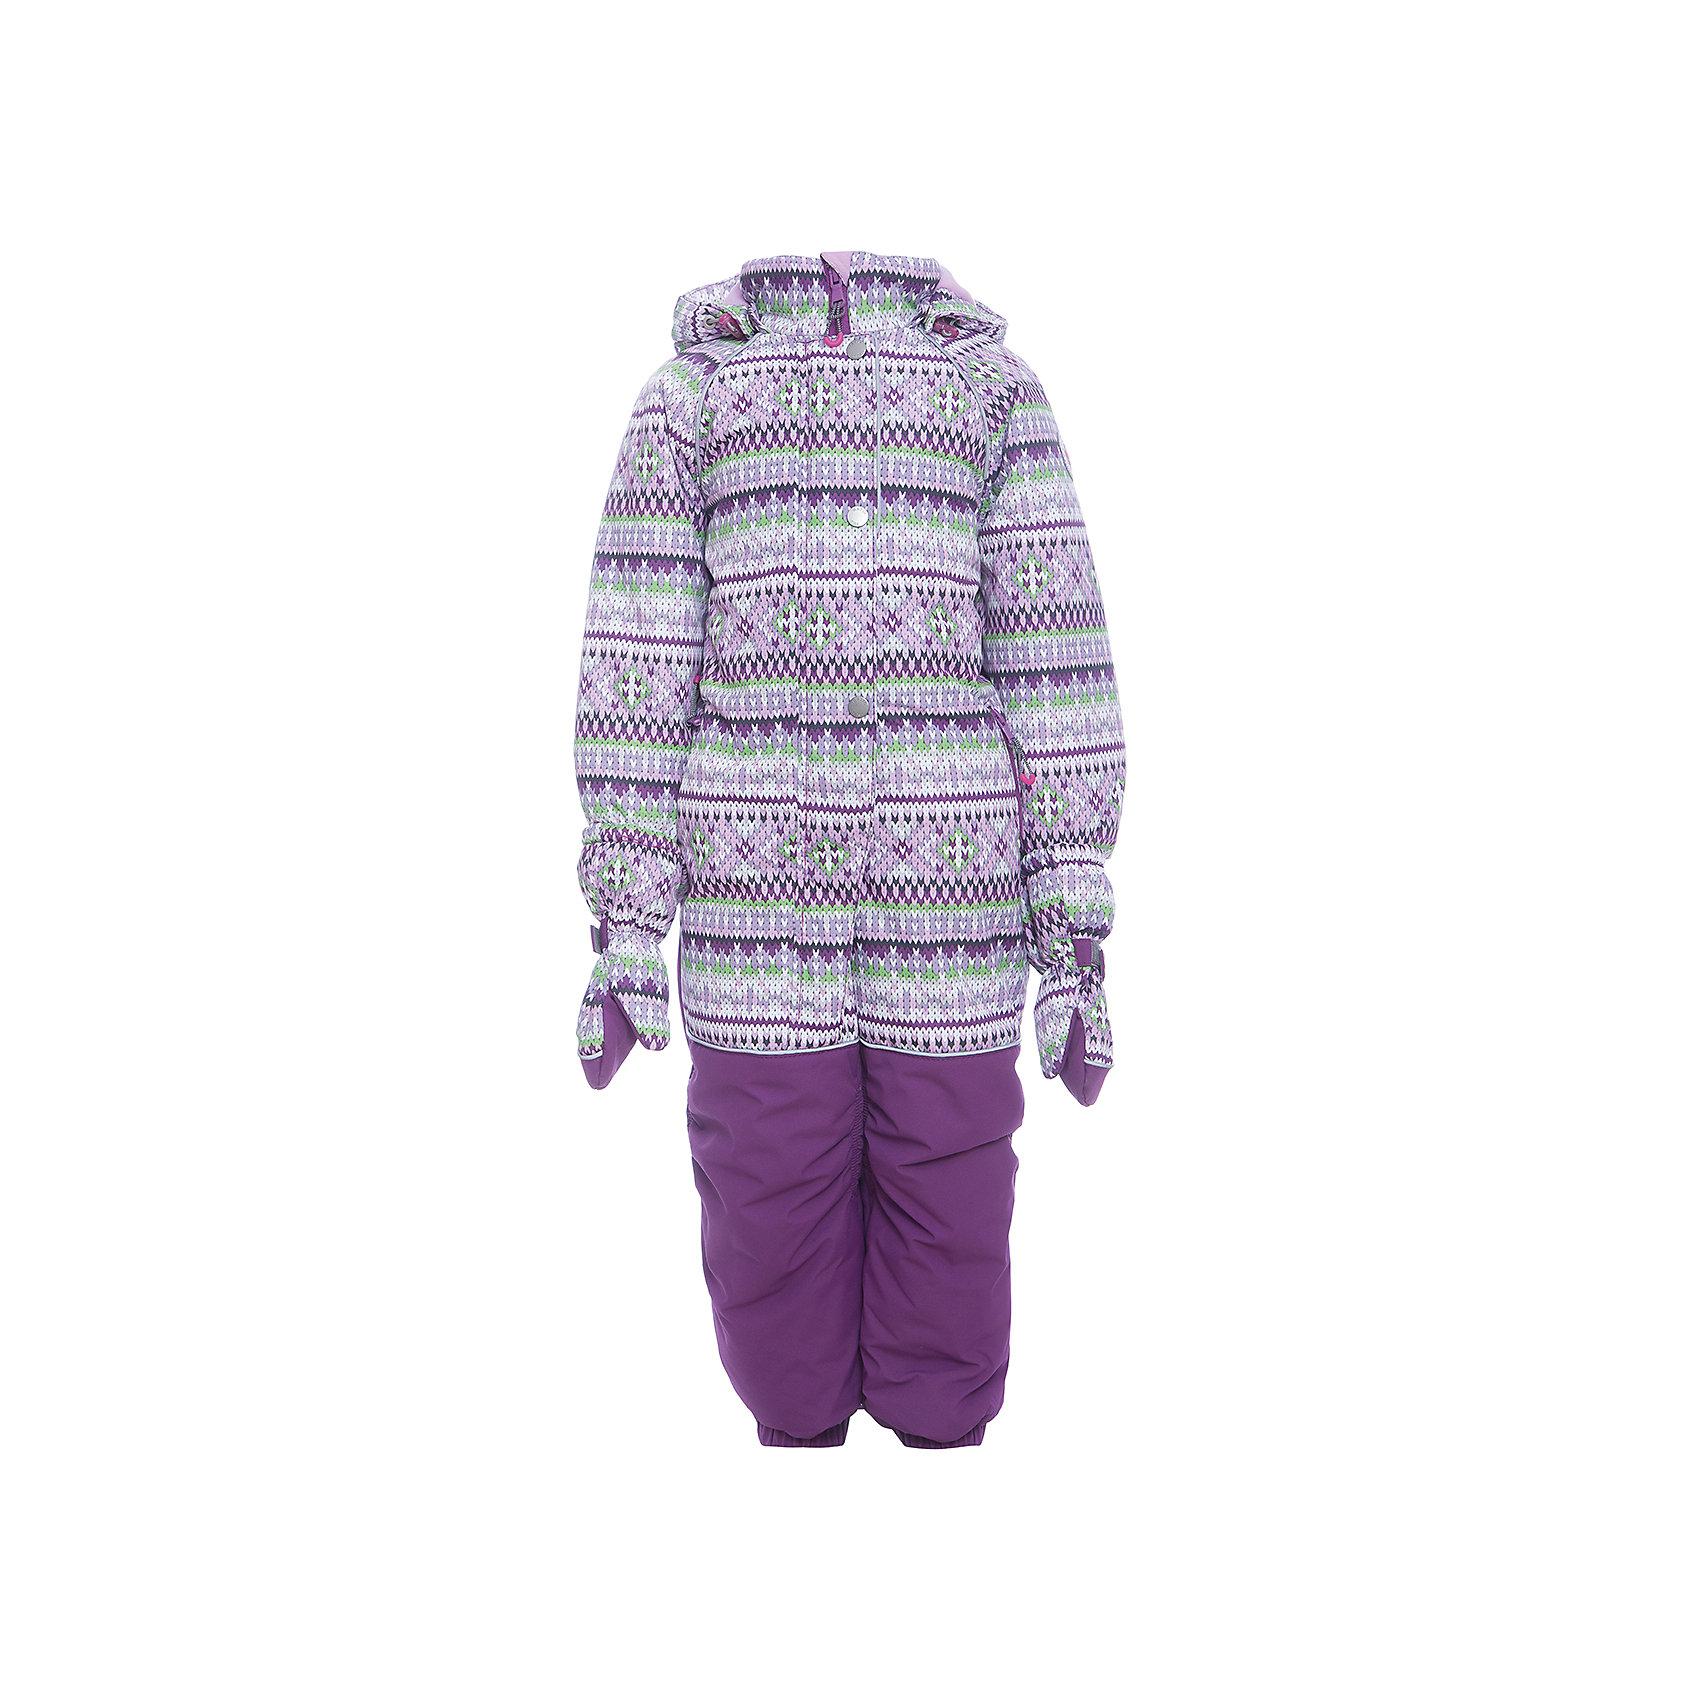 Комбинезон Тина Batik для девочкиВерхняя одежда<br>Характеристики товара:<br><br>• цвет: сиреневый<br>• состав ткани: таслан<br>• подкладка: поларфлис<br>• утеплитель: слайтекс<br>• сезон: зима<br>• мембранное покрытие<br>• температурный режим: от -35 до 0<br>• водонепроницаемость: 5000 мм <br>• паропроницаемость: 5000 г/м2<br>• плотность утеплителя: 300 г/м2<br>• застежка: молния<br>• капюшон: съемный, без меха<br>• краги<br>• съемные силиконовые штрипки<br>• страна бренда: Россия<br>• страна изготовитель: Россия<br><br>Подкладка такого комбинезона для девочки сделана из поларфлис - она мягкая и теплая. Детский зимний комбинезон дополнен капюшоном, силиконовыми штрипками и удобной молнией с ветрозащитной планкой. Этот детский комбинезон декорирован принтом. Верх детского комбинезона надежно защищает от холода и влаги. <br><br>Комбинезон Тина Batik (Батик) для девочки можно купить в нашем интернет-магазине.<br><br>Ширина мм: 356<br>Глубина мм: 10<br>Высота мм: 245<br>Вес г: 519<br>Цвет: лиловый<br>Возраст от месяцев: 12<br>Возраст до месяцев: 18<br>Пол: Женский<br>Возраст: Детский<br>Размер: 86,104,98,92<br>SKU: 7028086